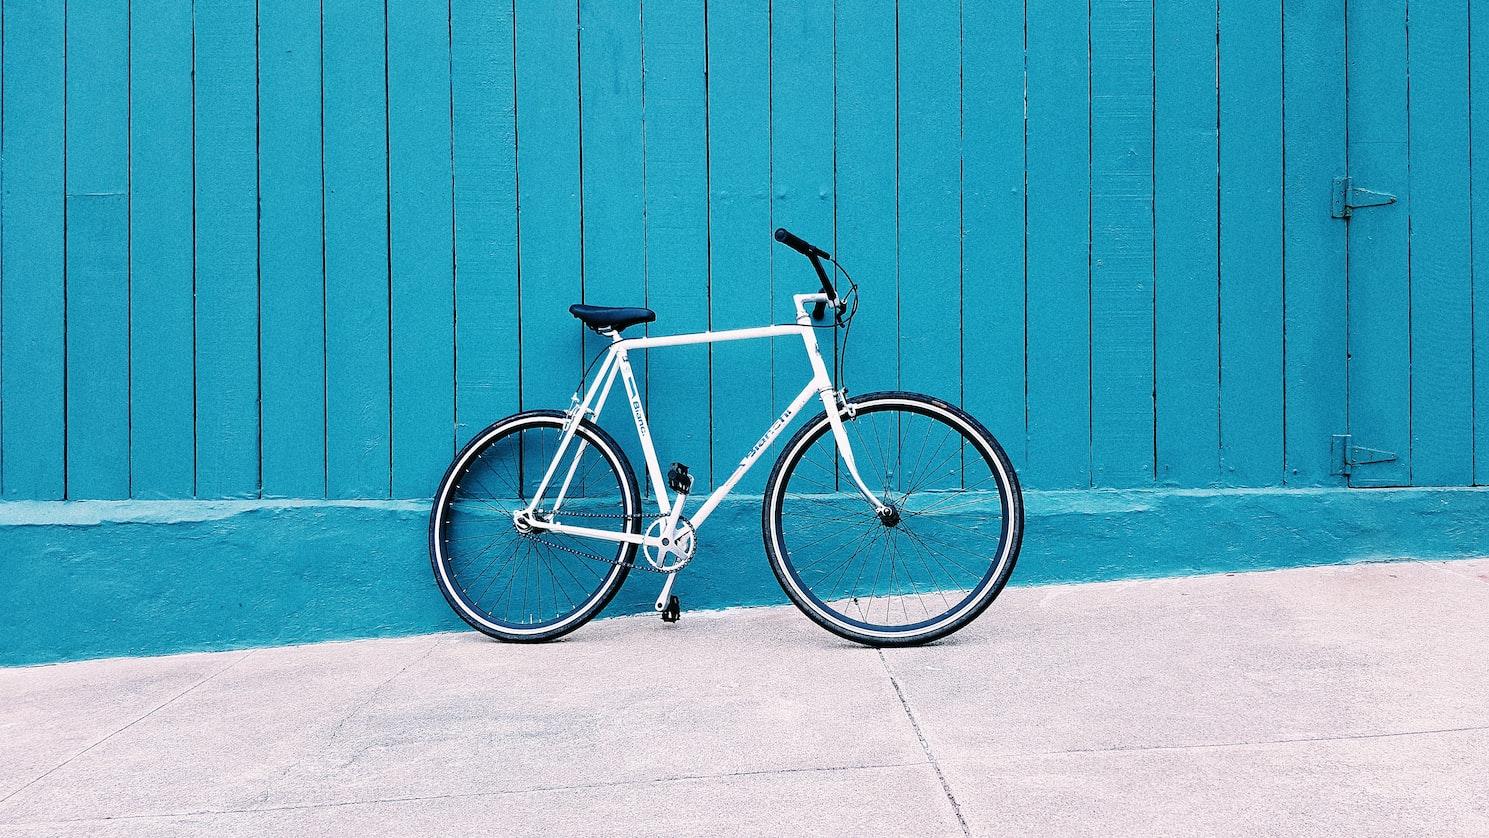 Best Folding Mountain Bike Under 500